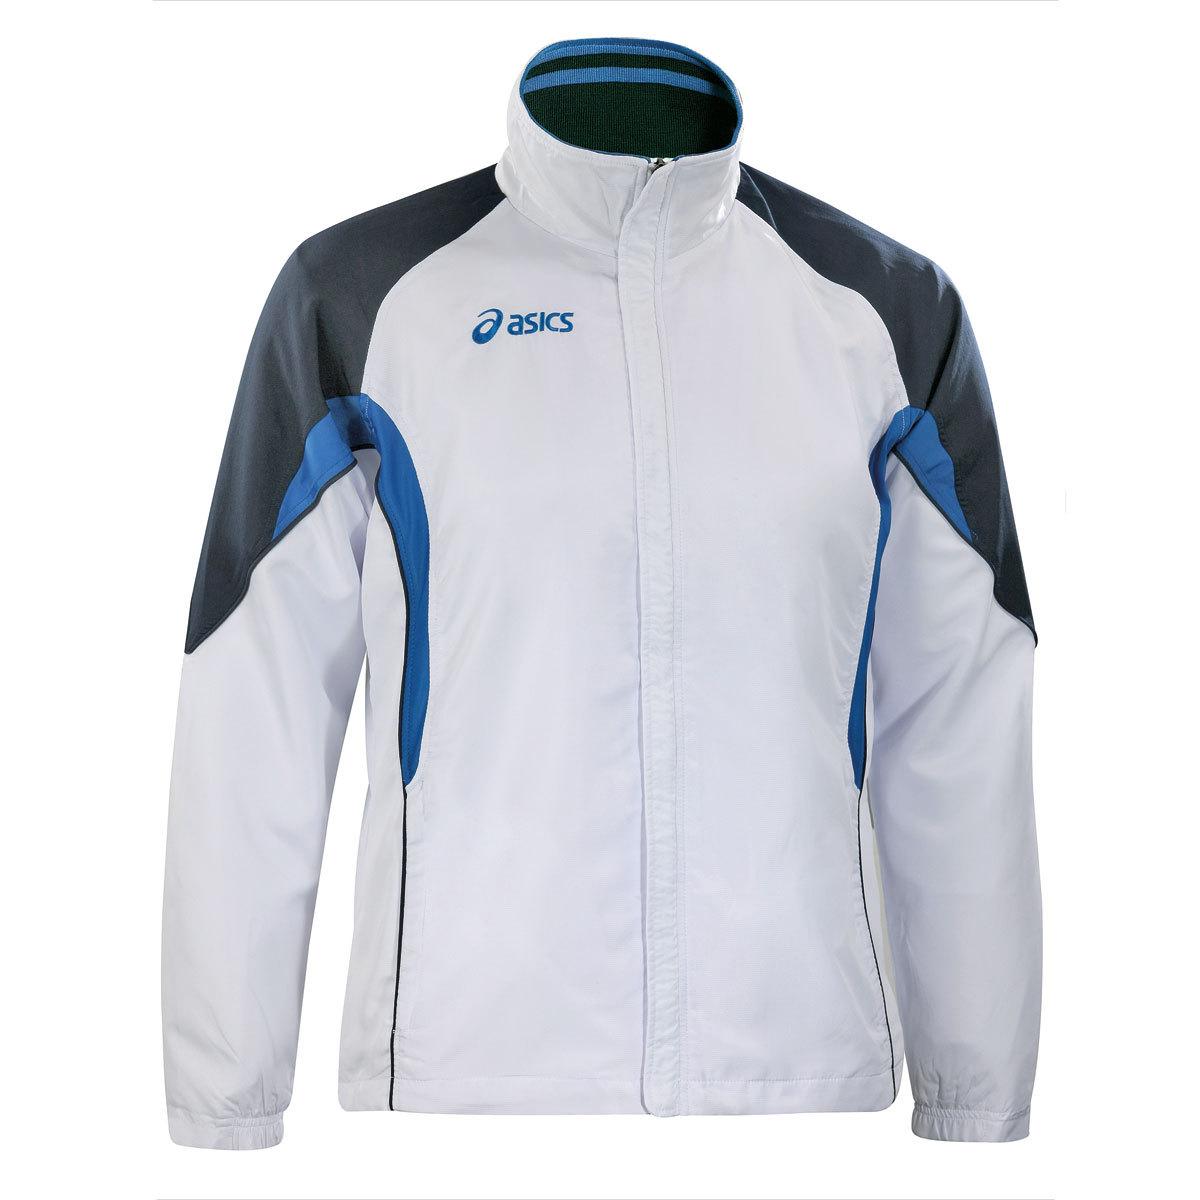 Мужской спортивный костюм ASICS SUIT EUROPE (T653Z5 0150)